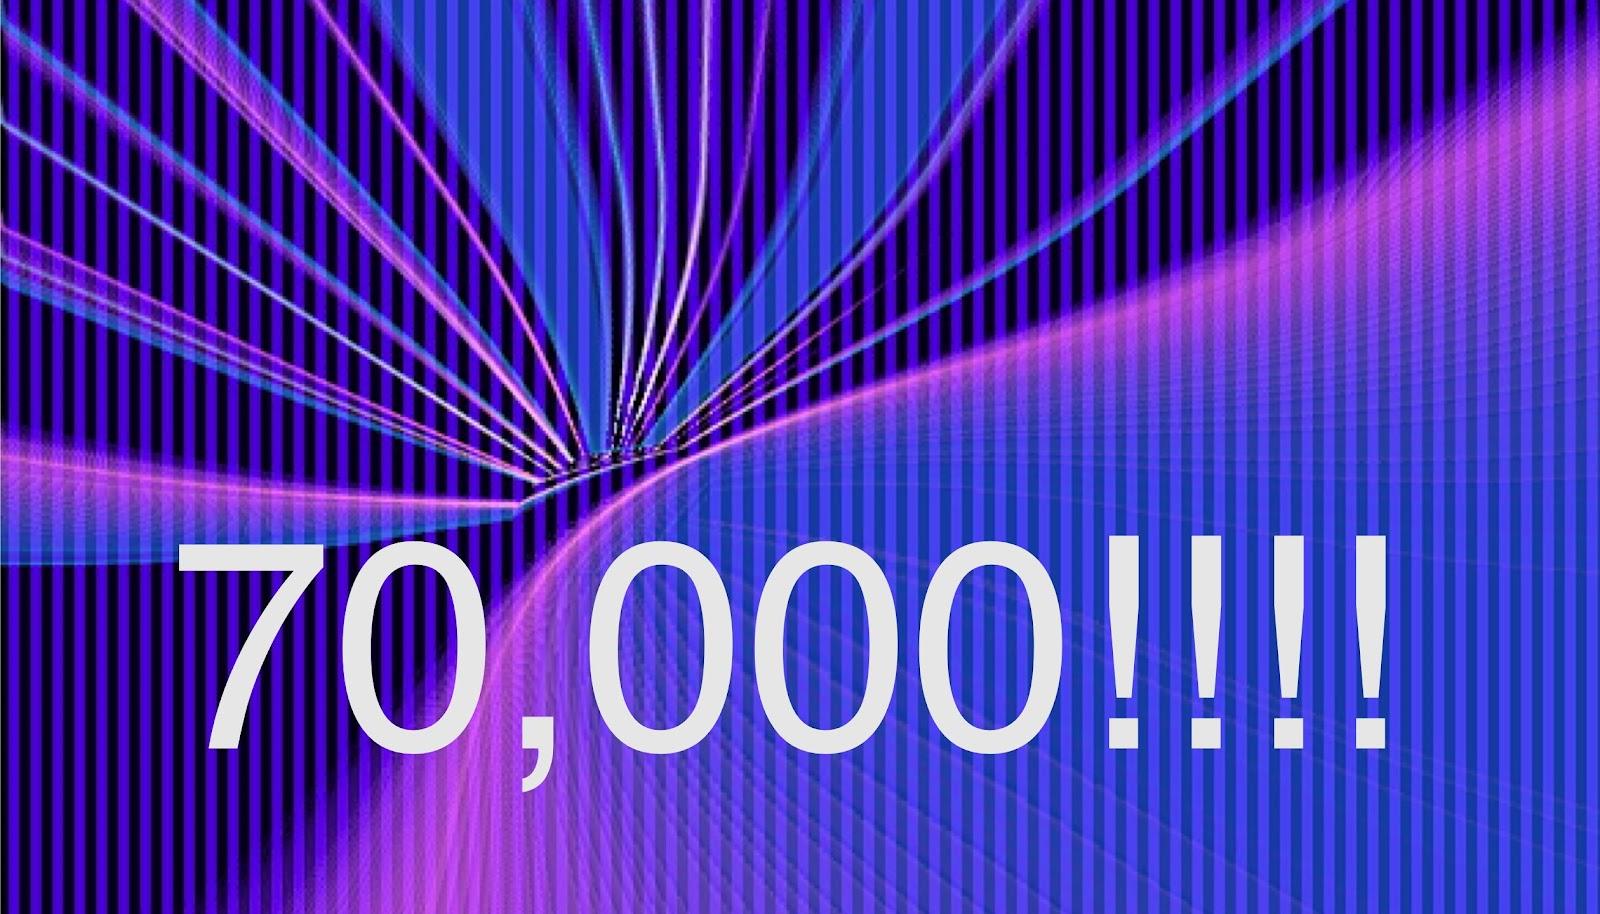 70,000.jpeg